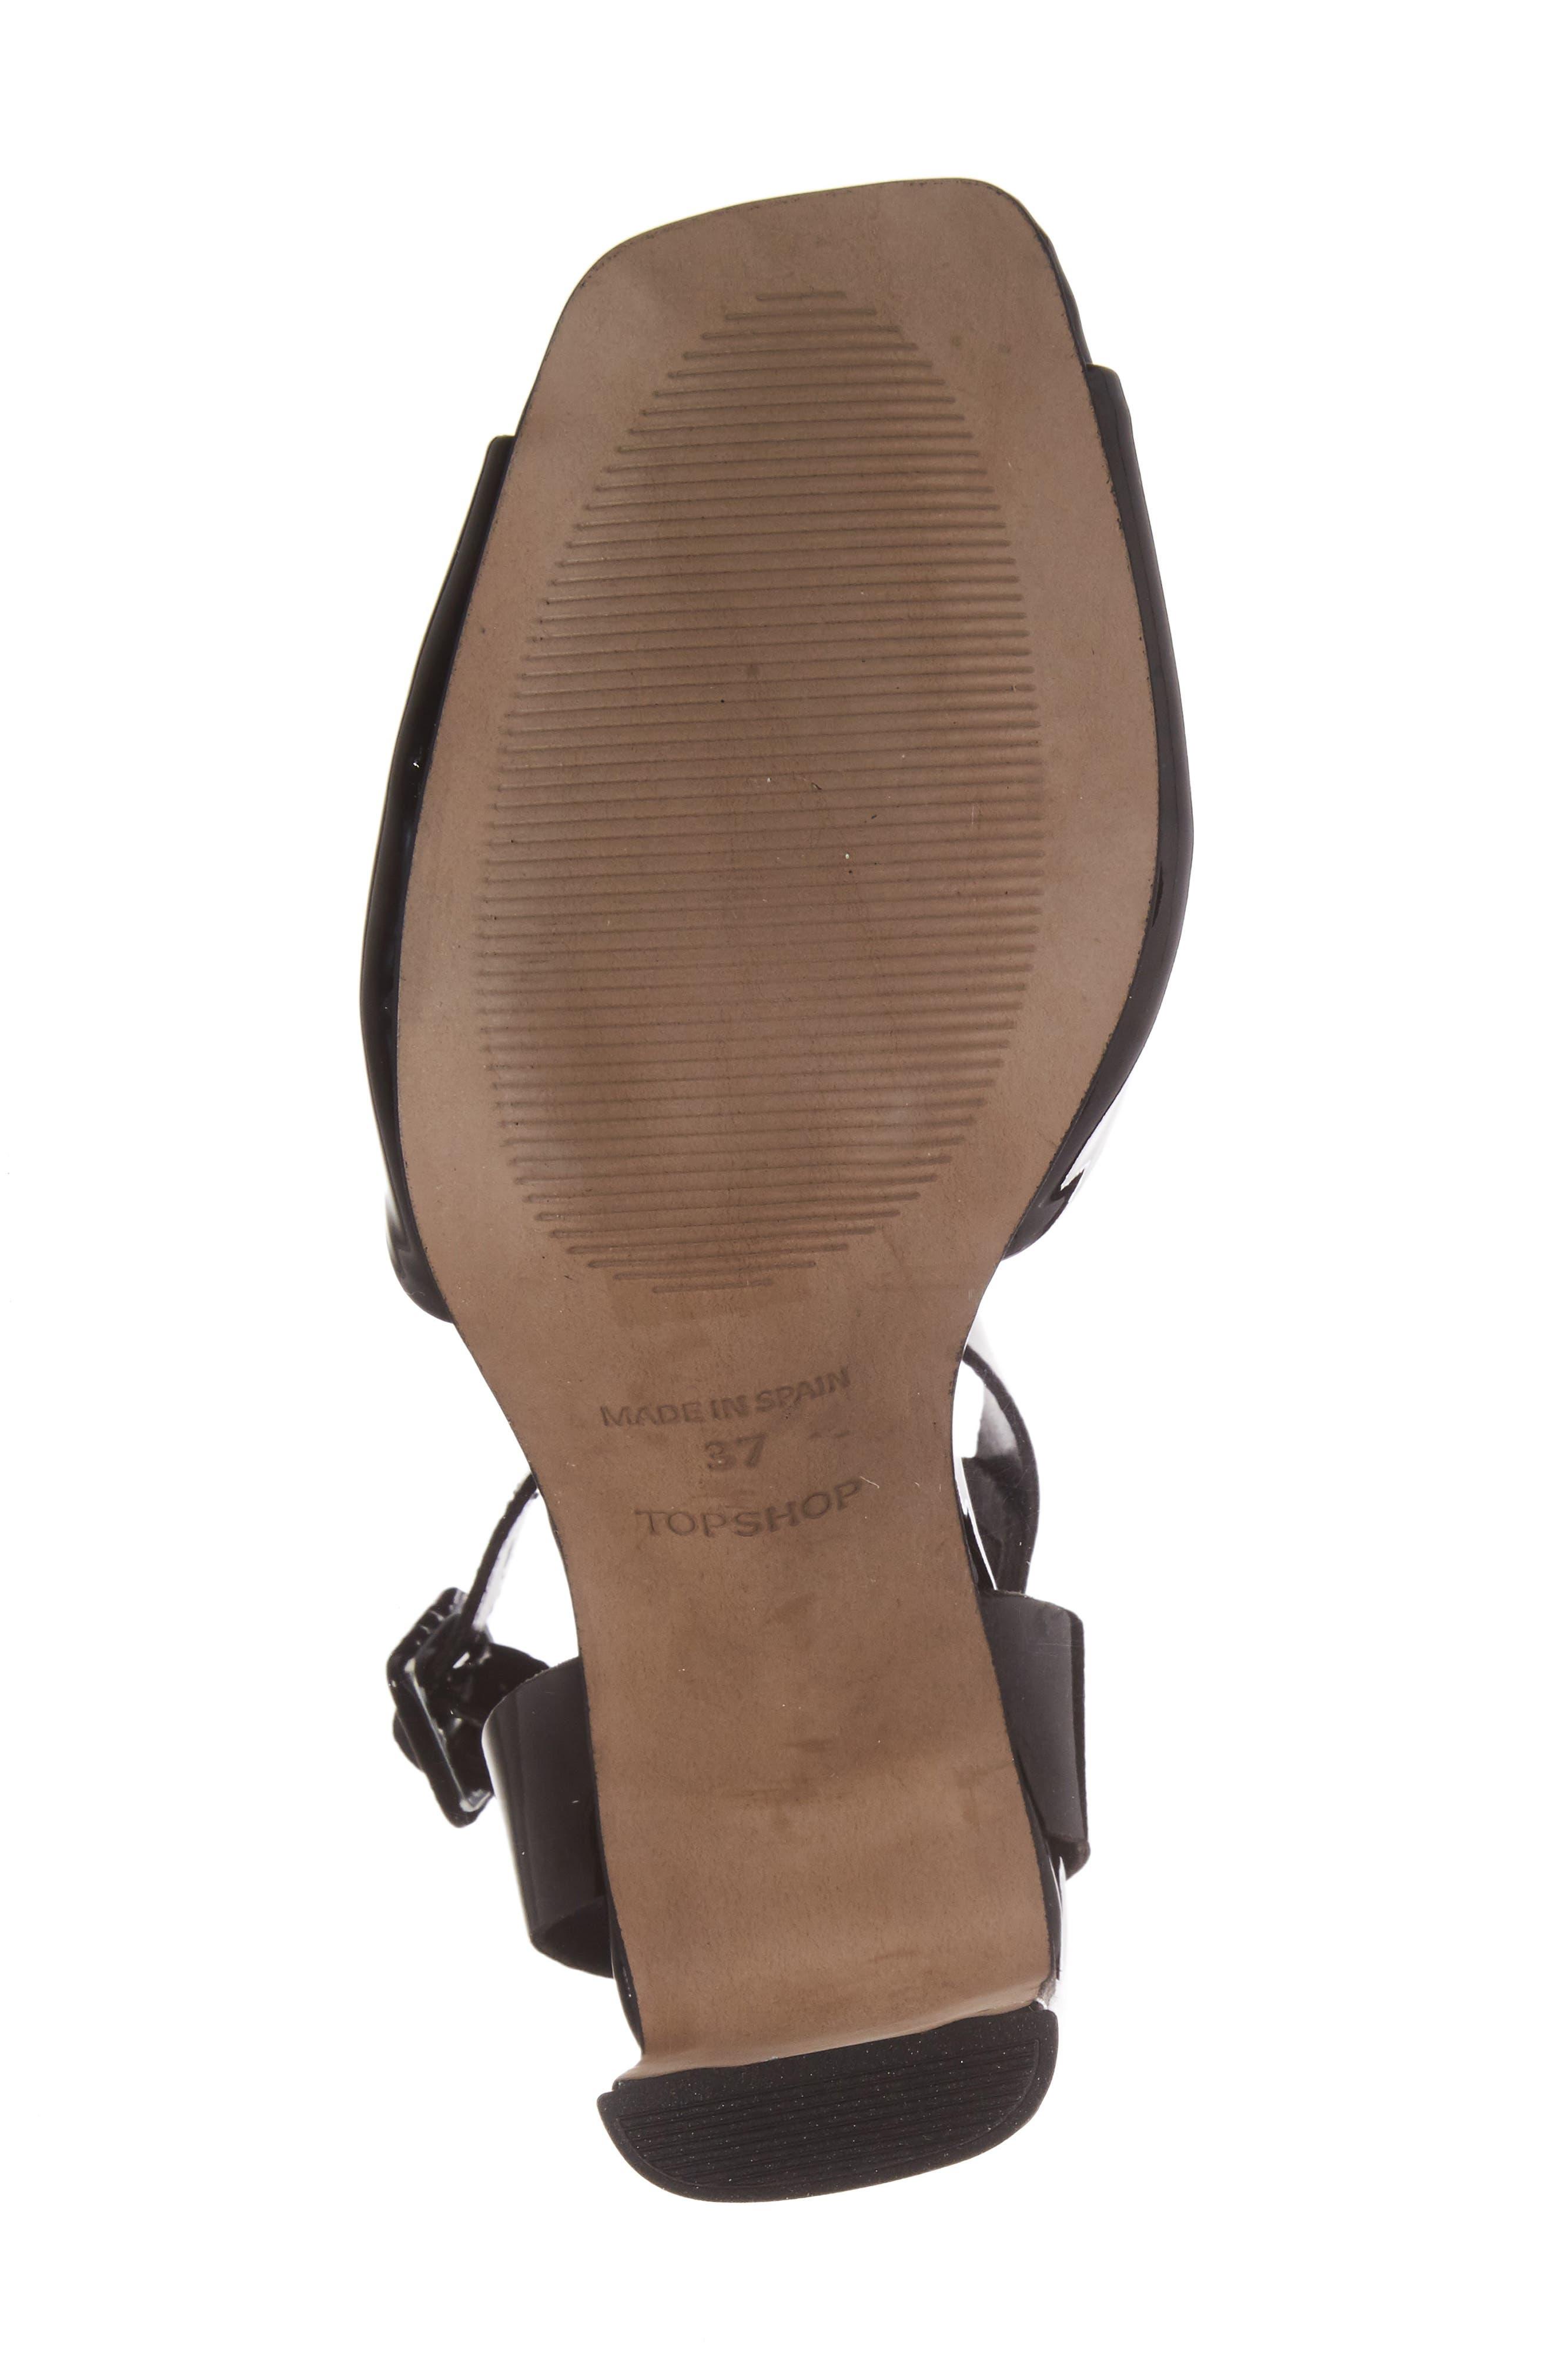 Roux Square Toe Sandal,                             Alternate thumbnail 6, color,                             Black